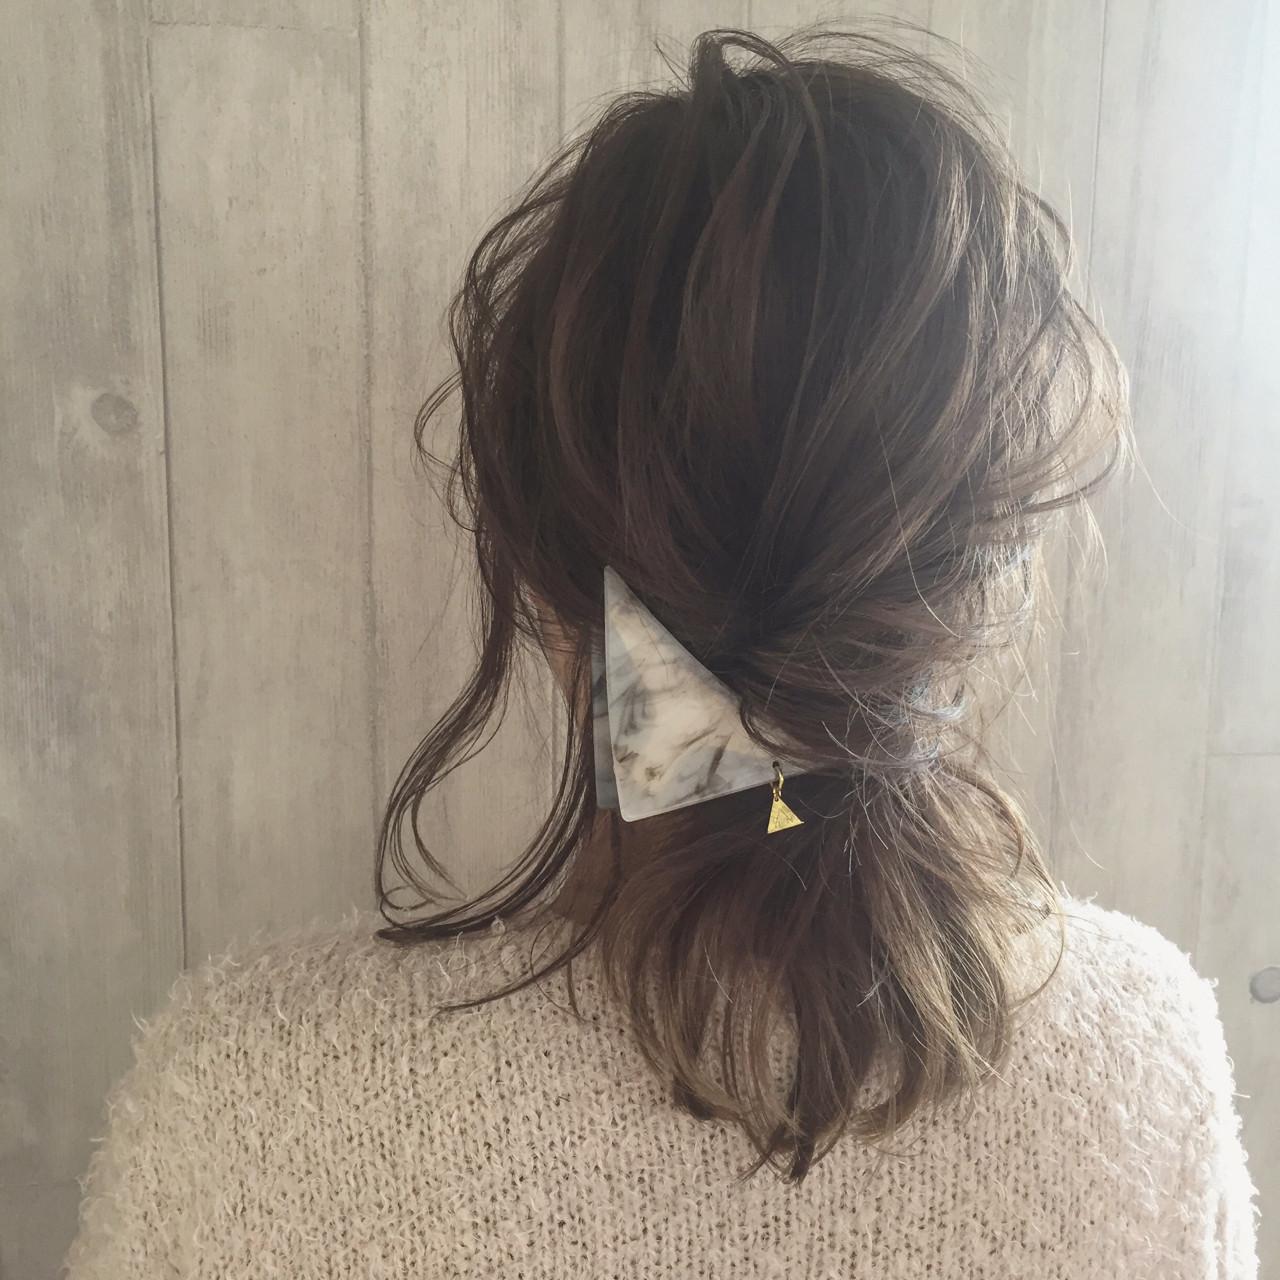 ルーズでこなれた印象のハーフアップ 宮田 恵里香